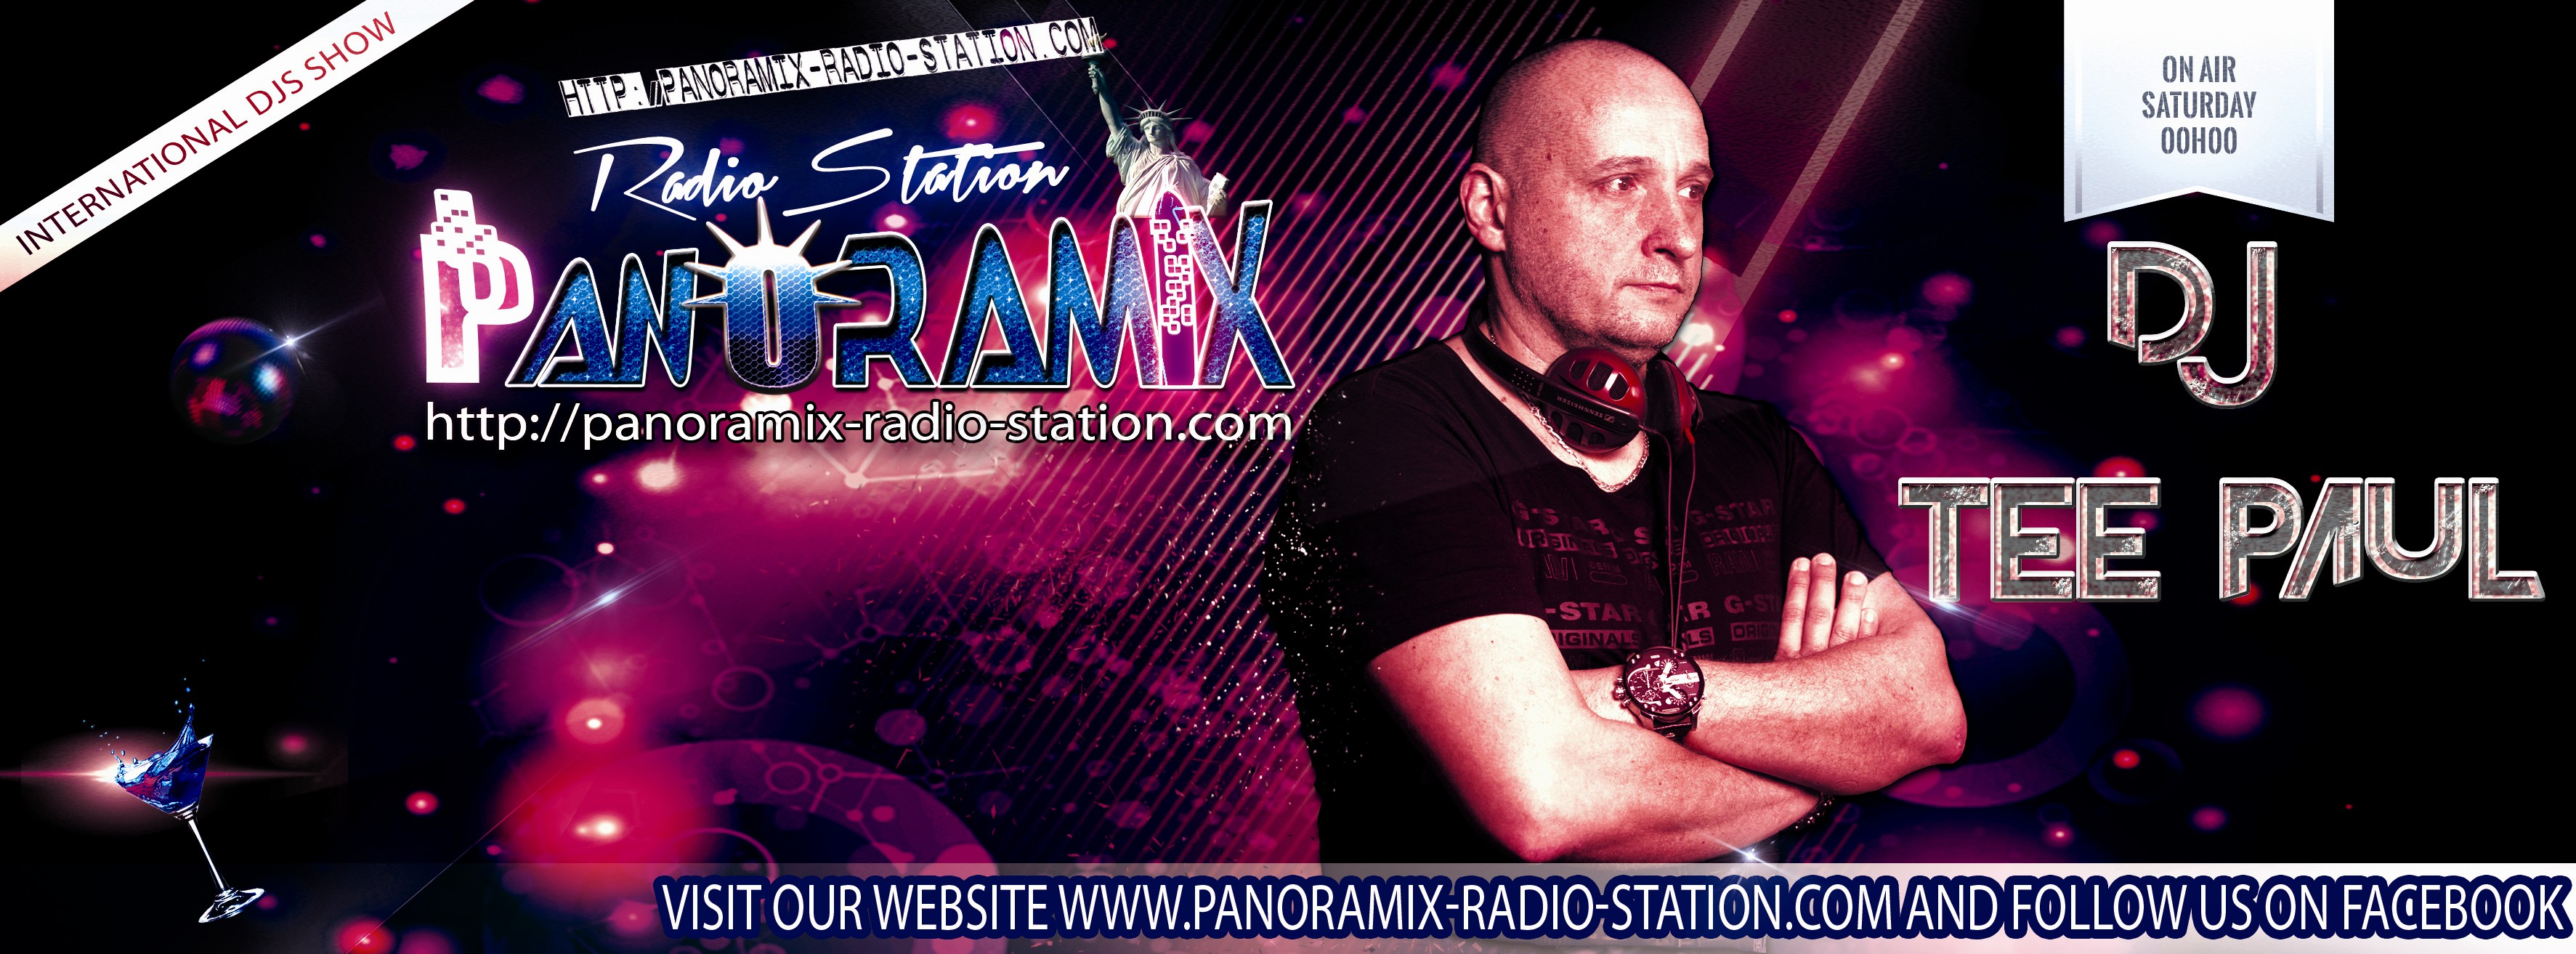 http://panoramix-radio-station.com/wp-content/uploads/2018/07/BANNIERE-3-TEE-PAUL-panoramix-.jpg